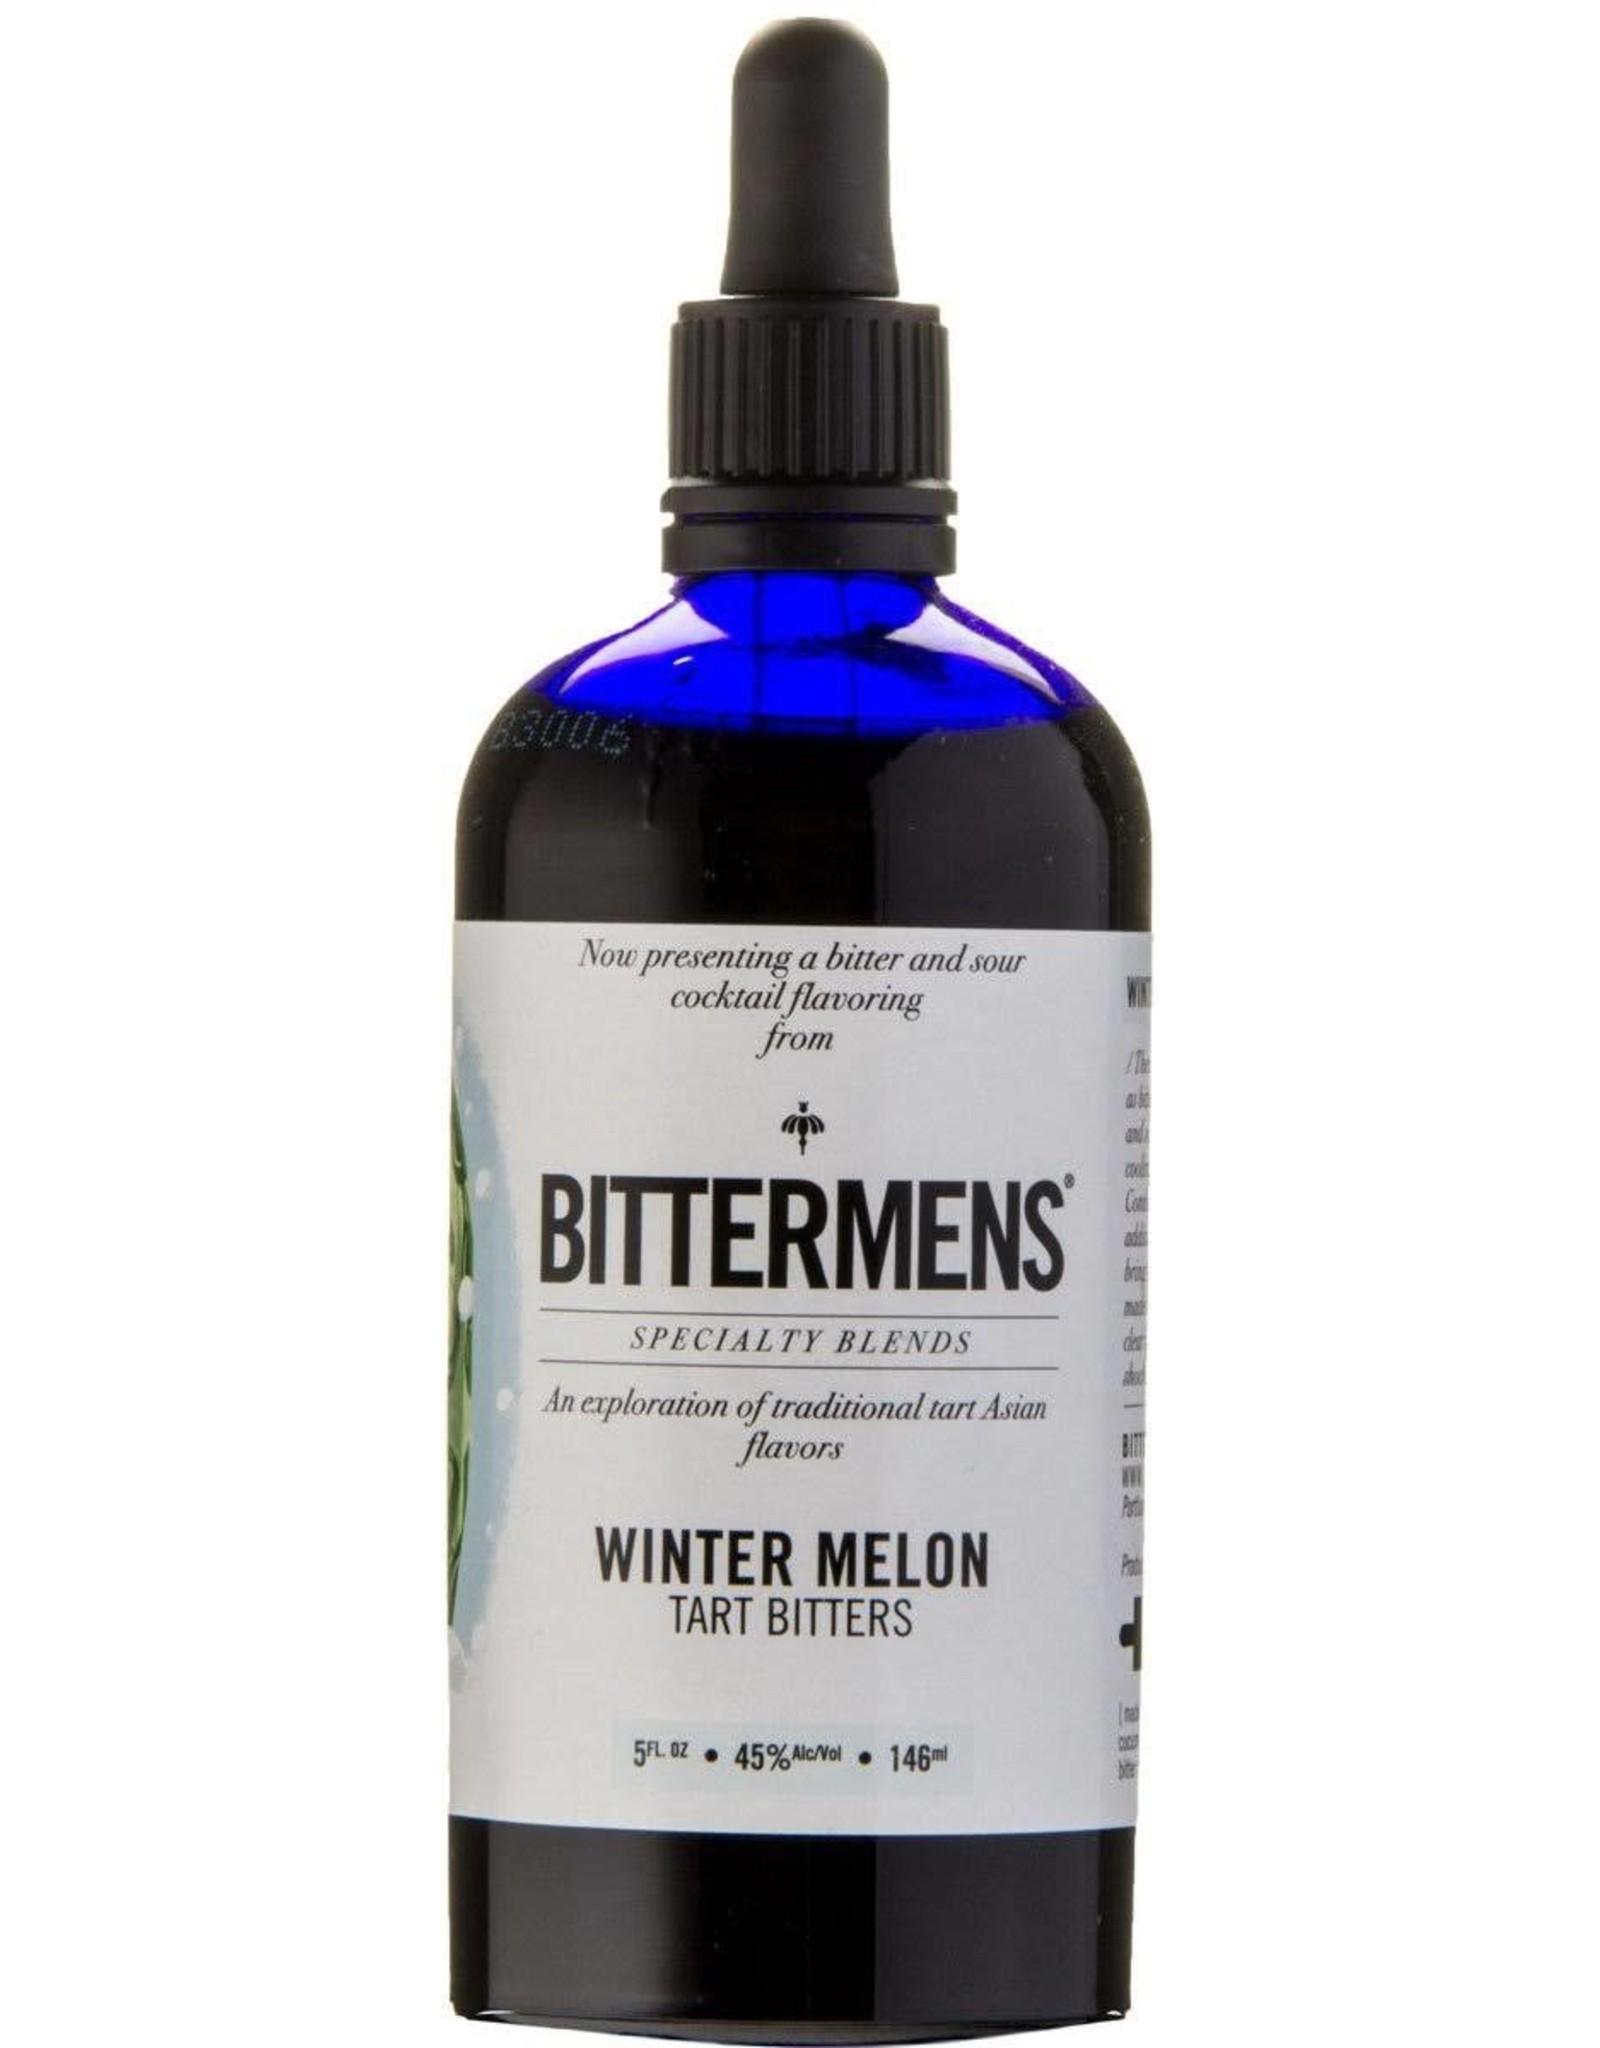 Bittermens Bittermens Winter Melon Tart Bitters